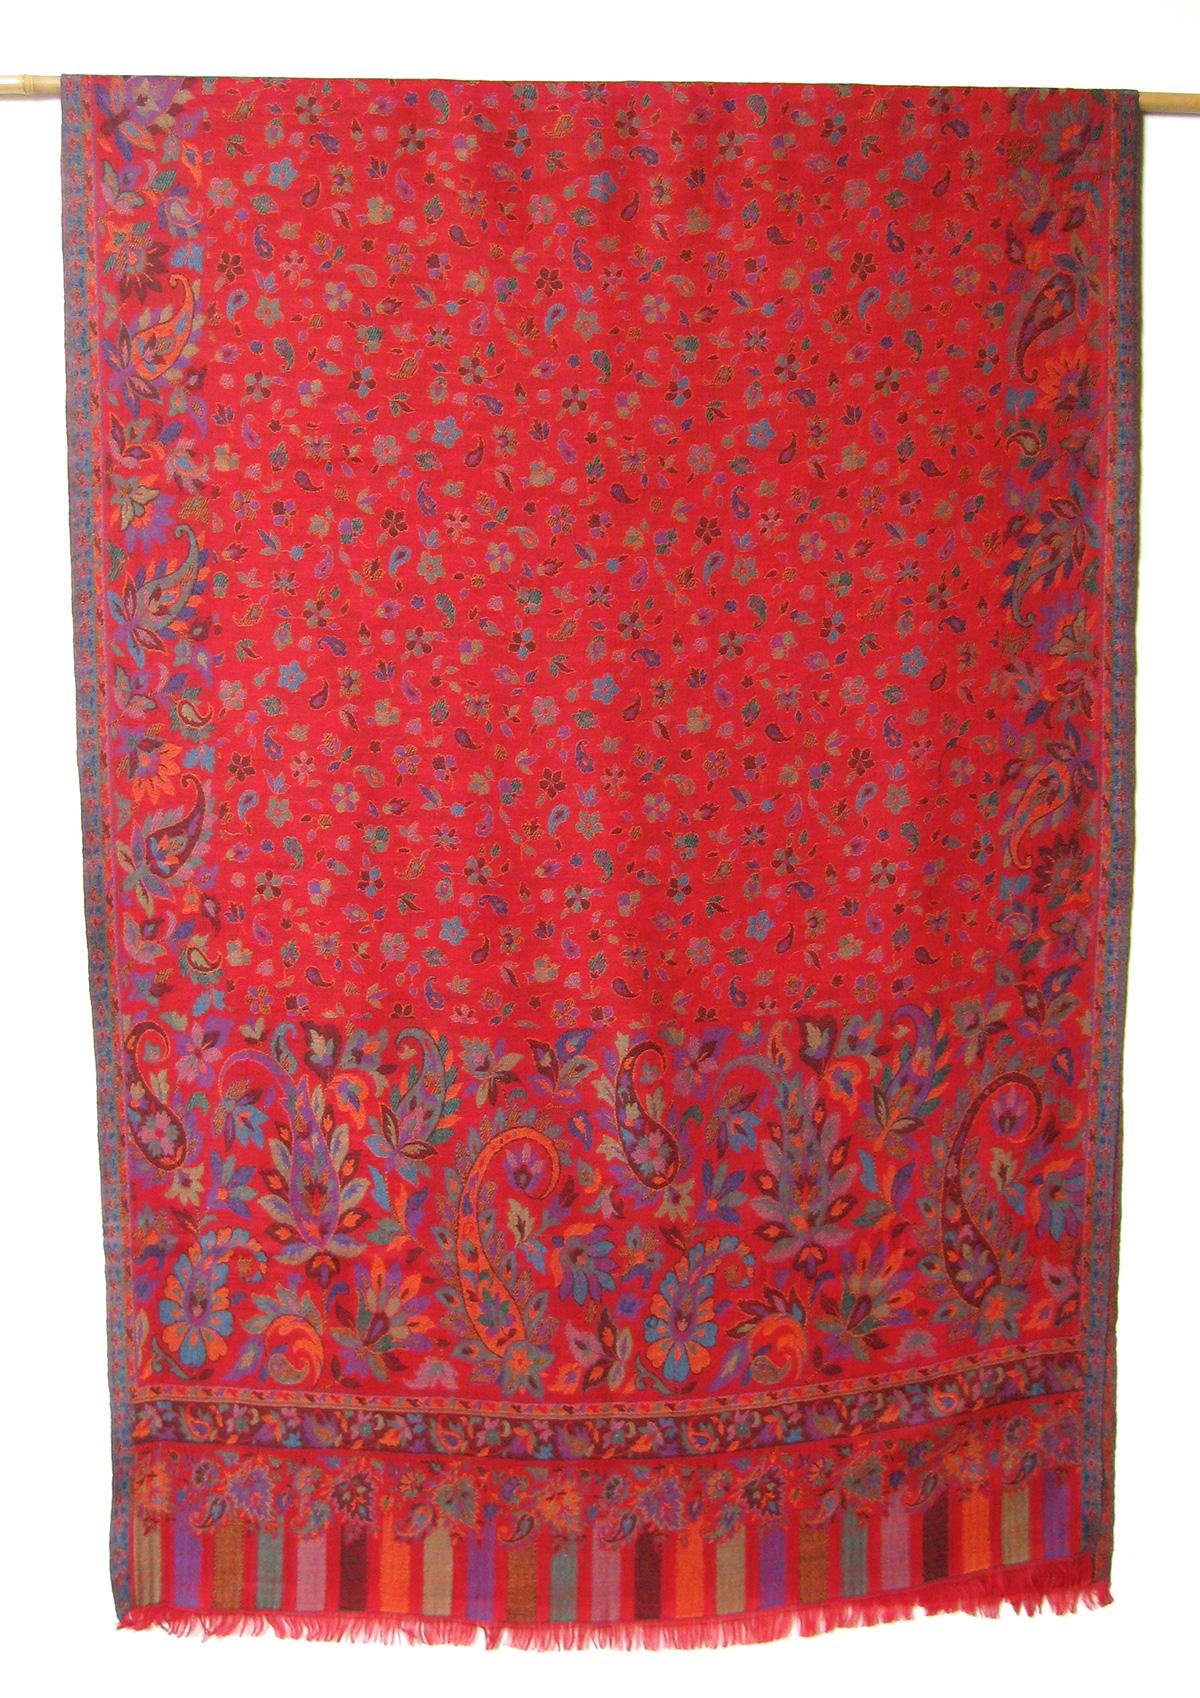 f3bbab1d098 Uld / Cashmere tørklæde, sjal. Samarkand har et stort udvalg af uld  tørklæder og